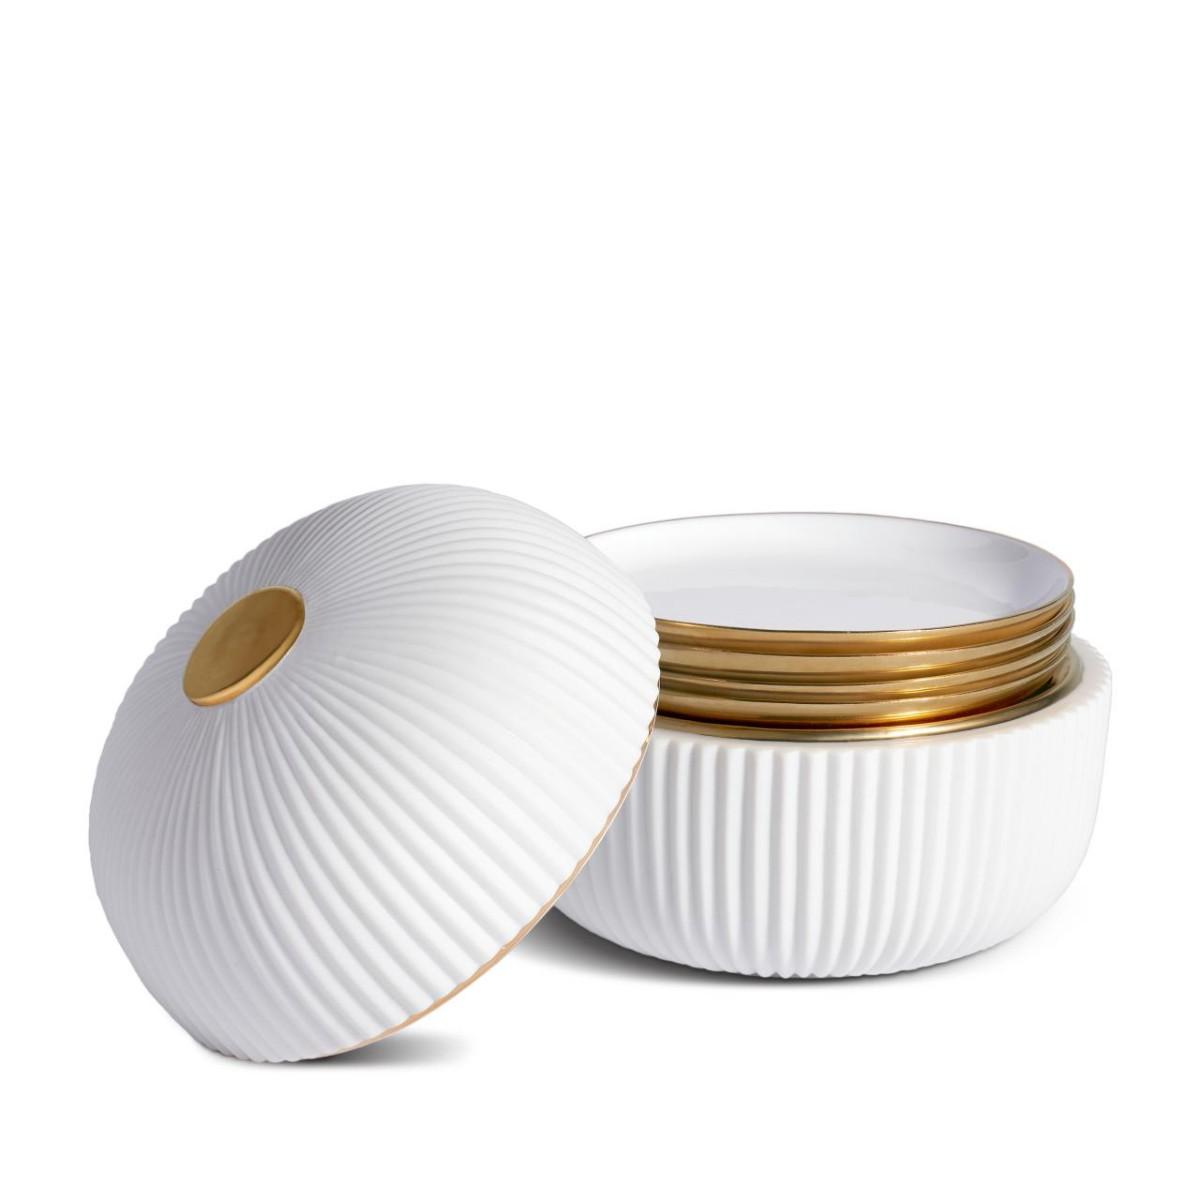 L'Objet I Ionic Box + Plates (Set of 4)